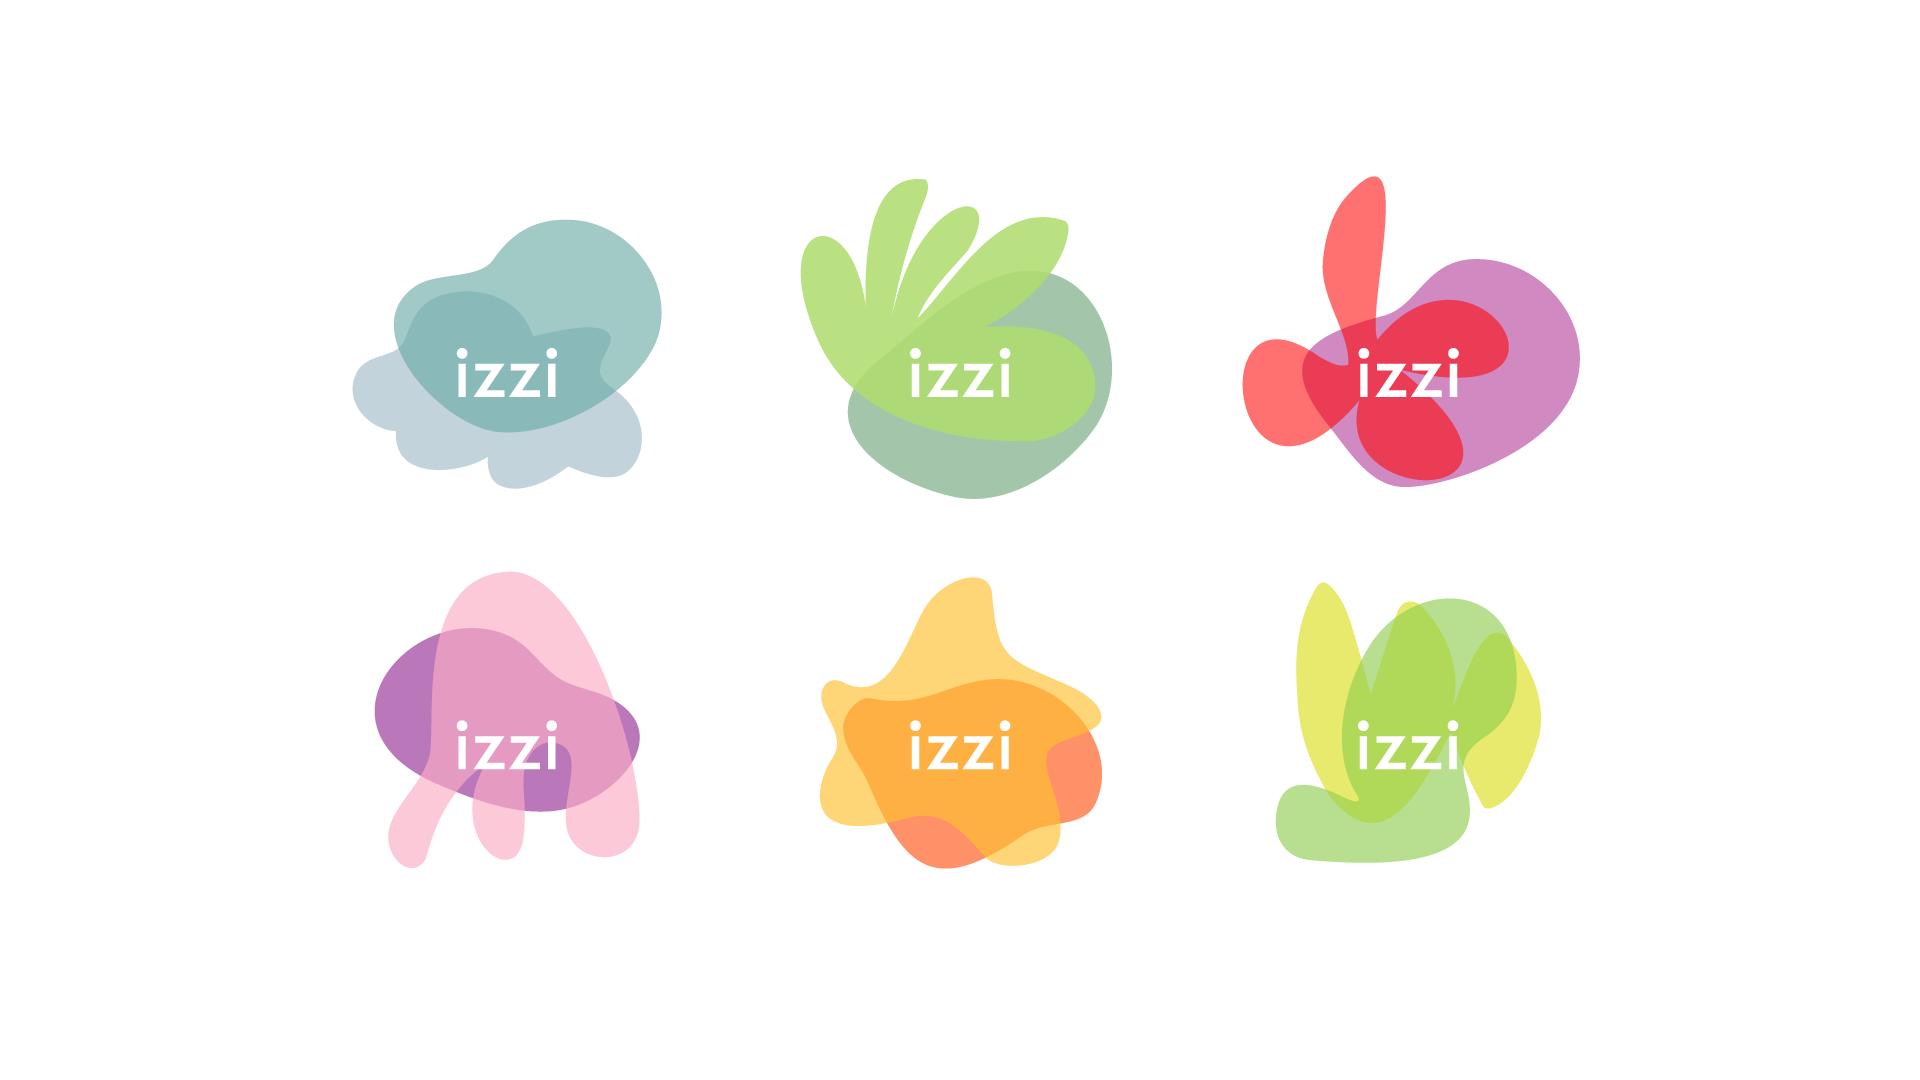 Izzi logo variations